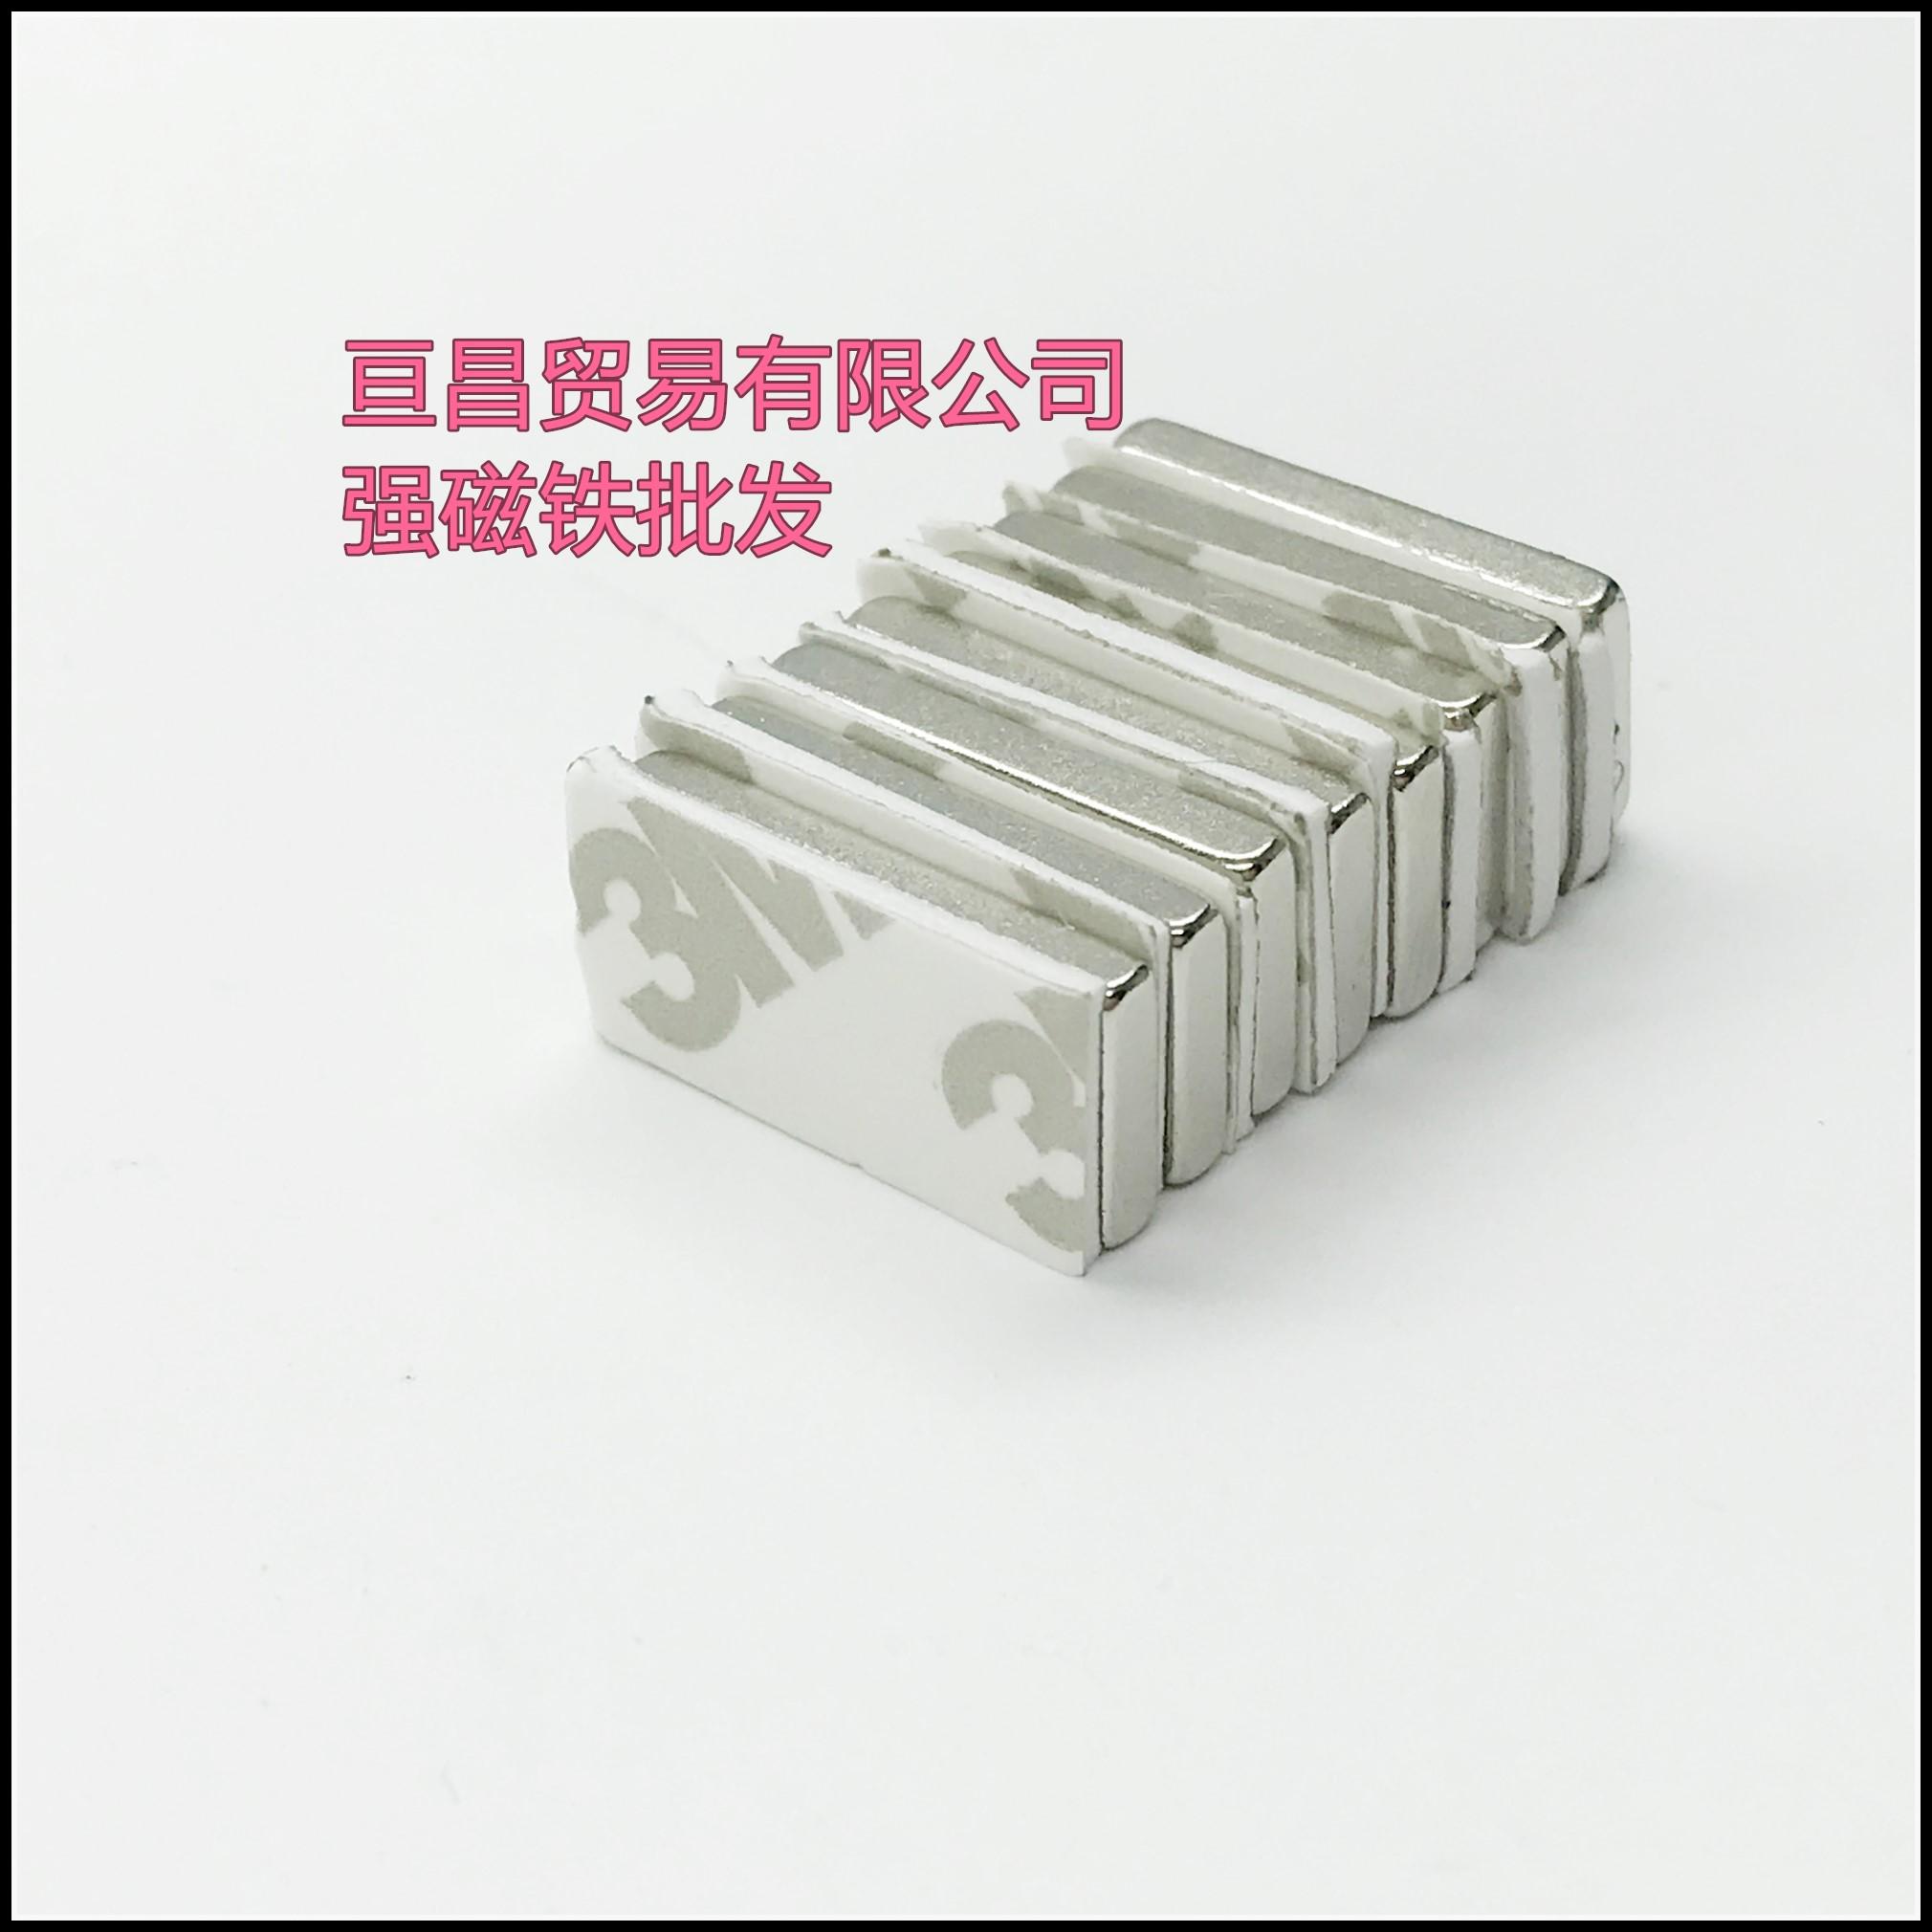 钕铁硼磁铁20mm强力磁铁强磁铁吸铁石长方形20x10x3mm1件20片包邮